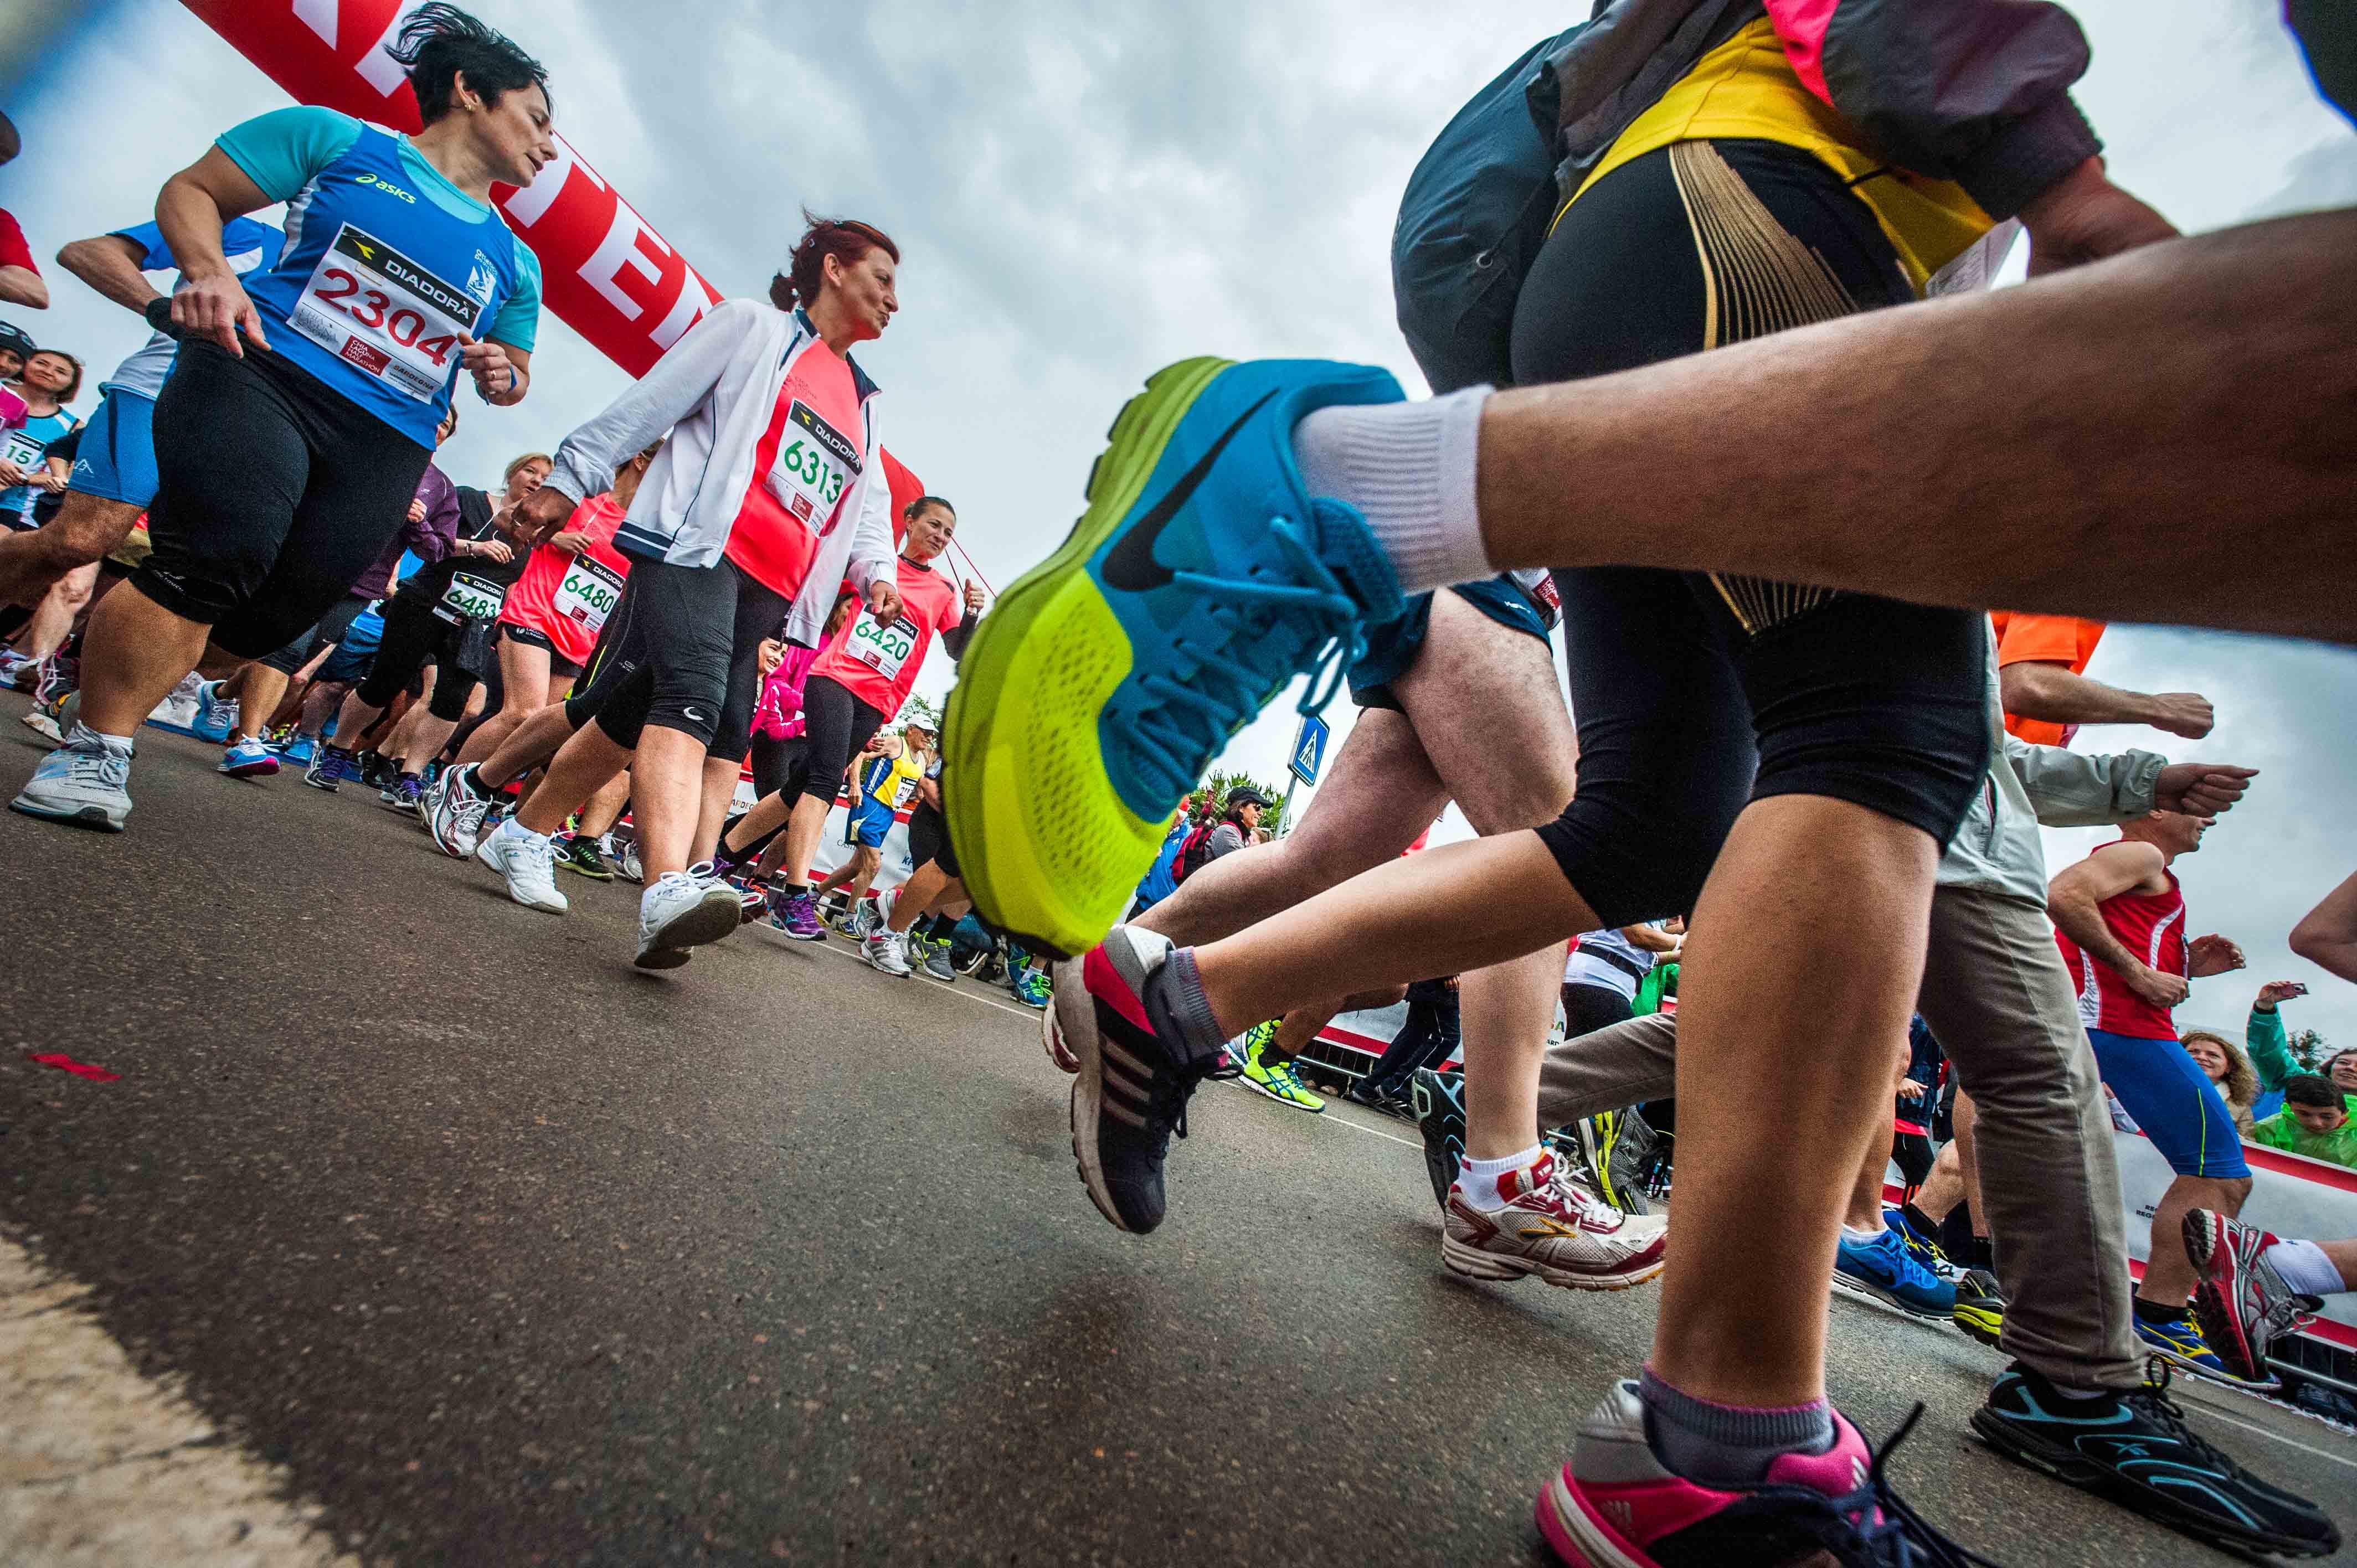 Cagliari Wellness, nasce la prima piattaforma di fitness guidato